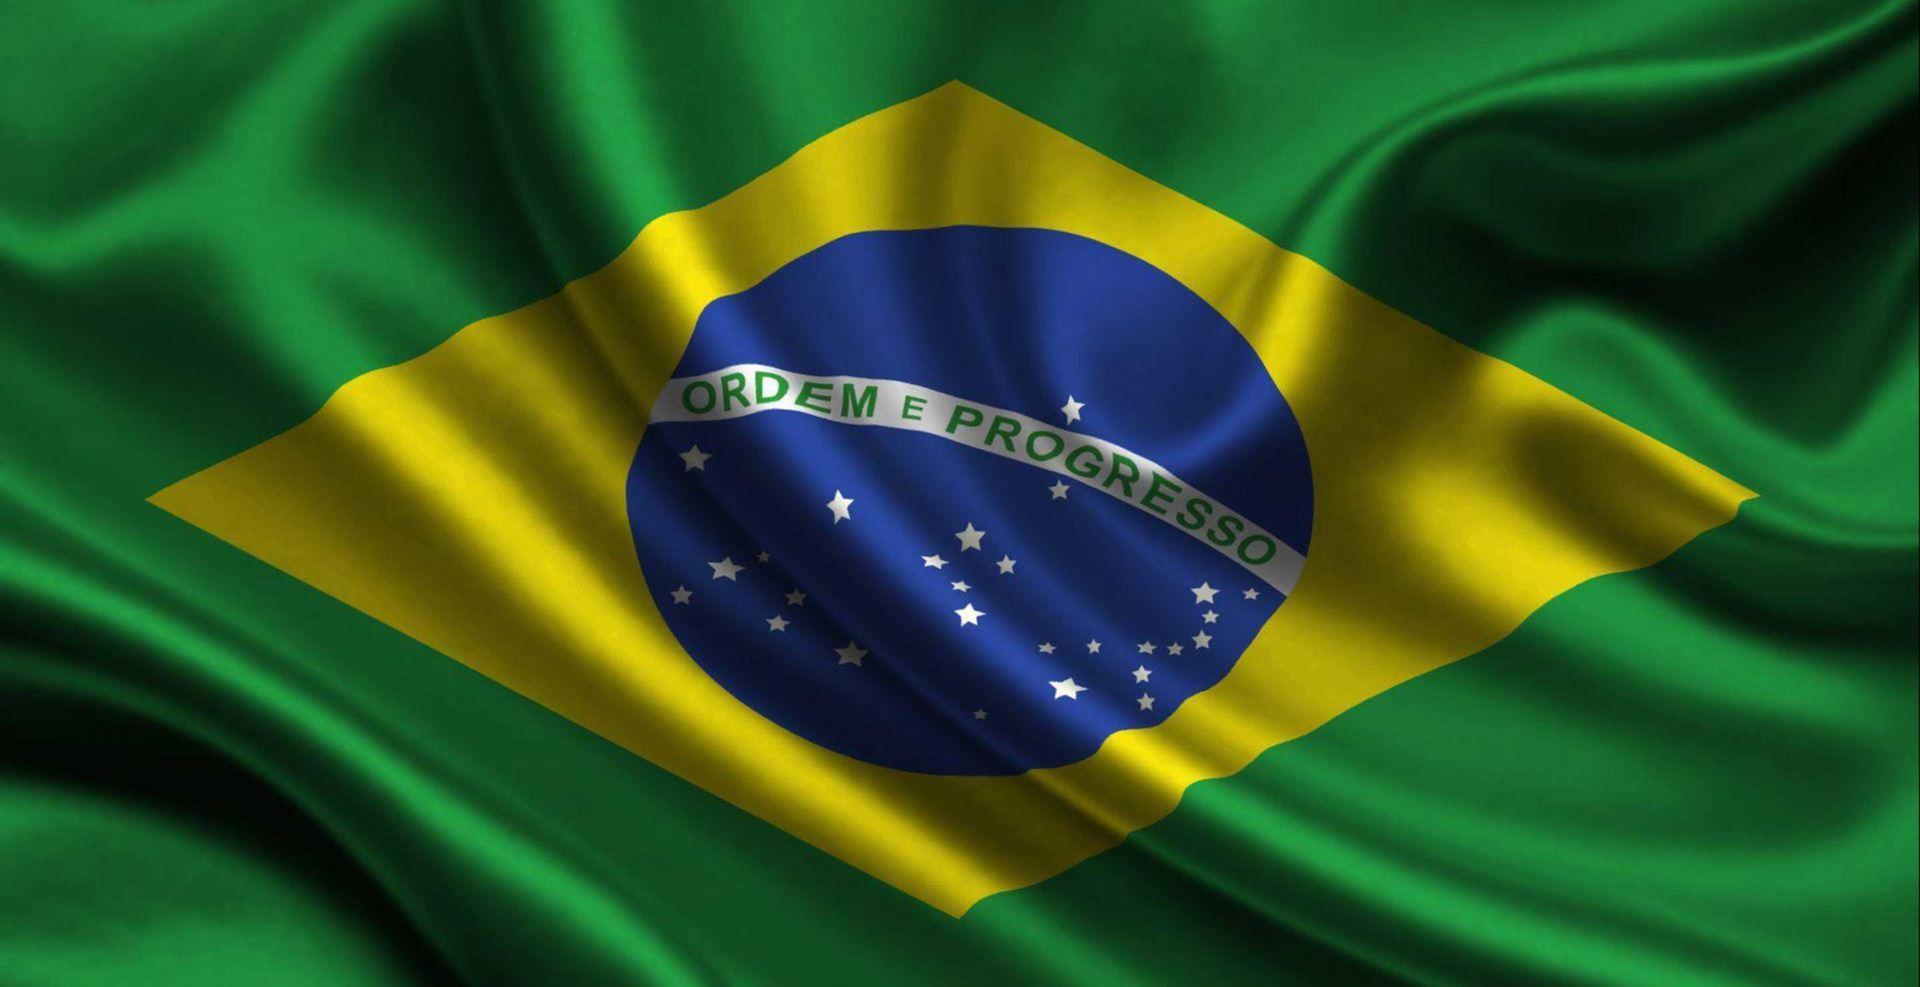 CHEGAMOS NO BRASIL